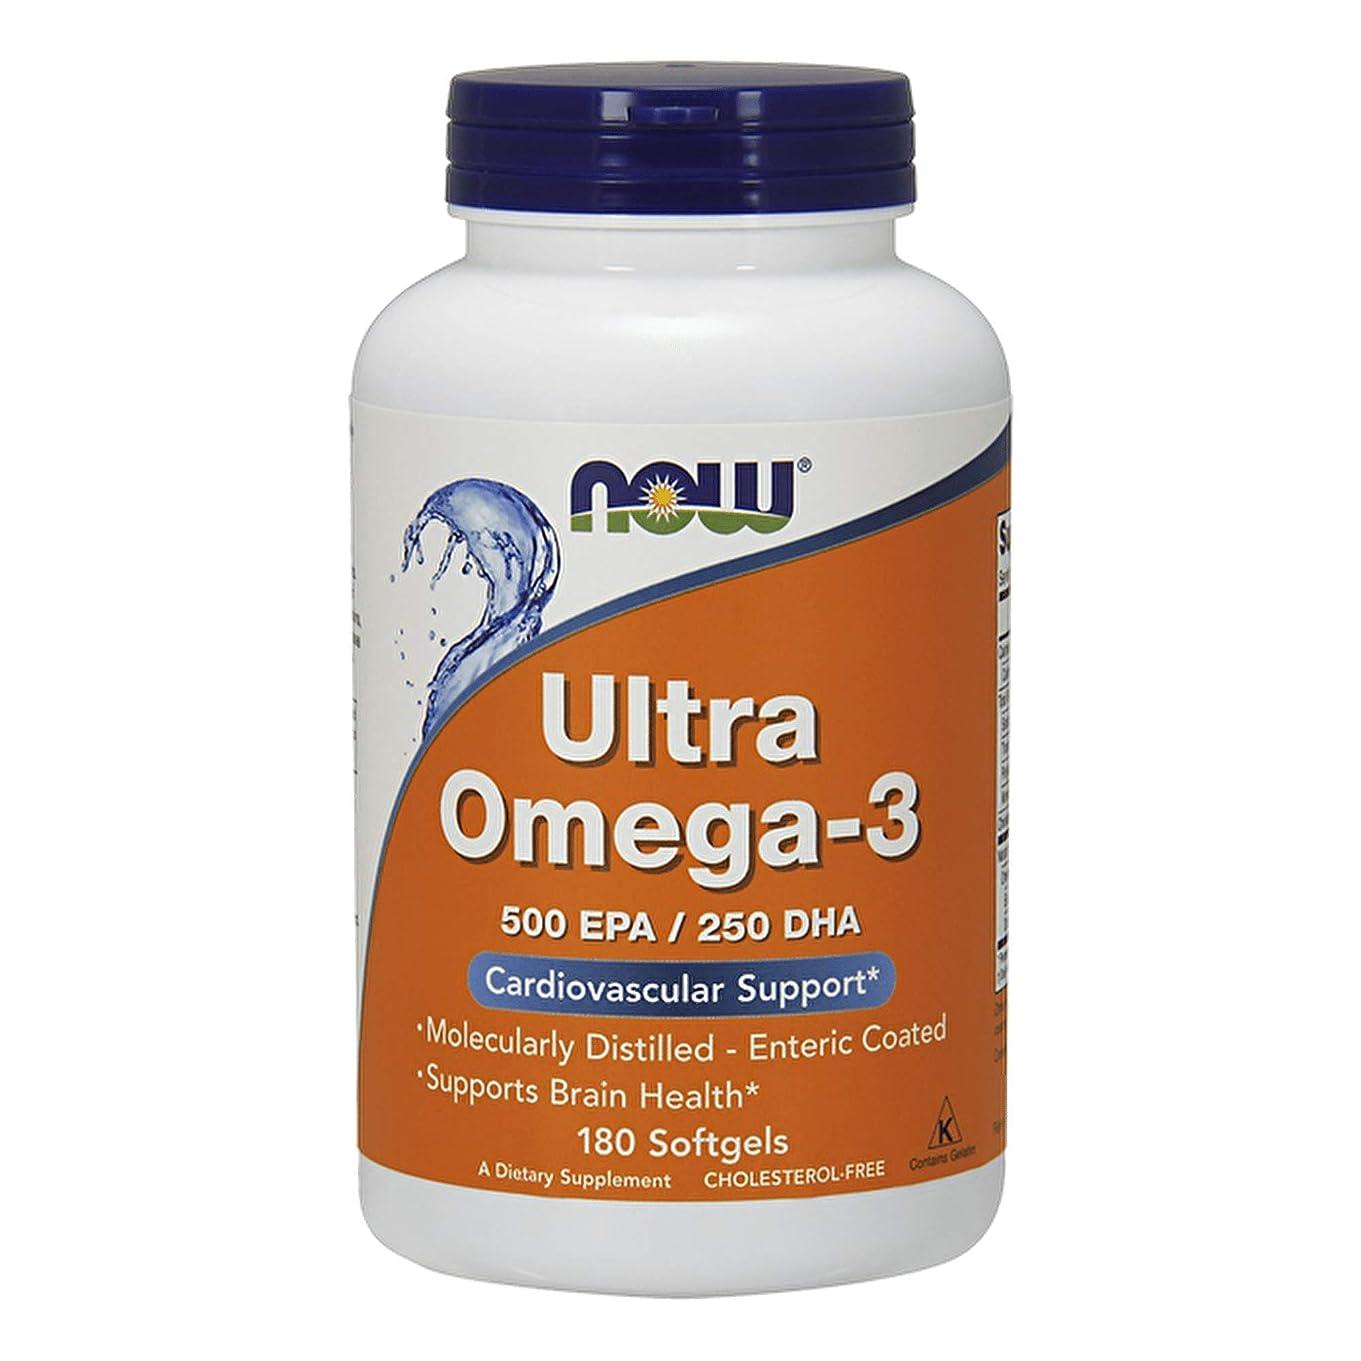 句読点サミュエルヘッジNow Ultra Omega-3 (500 EPA / 250 DHA) 180 sgels